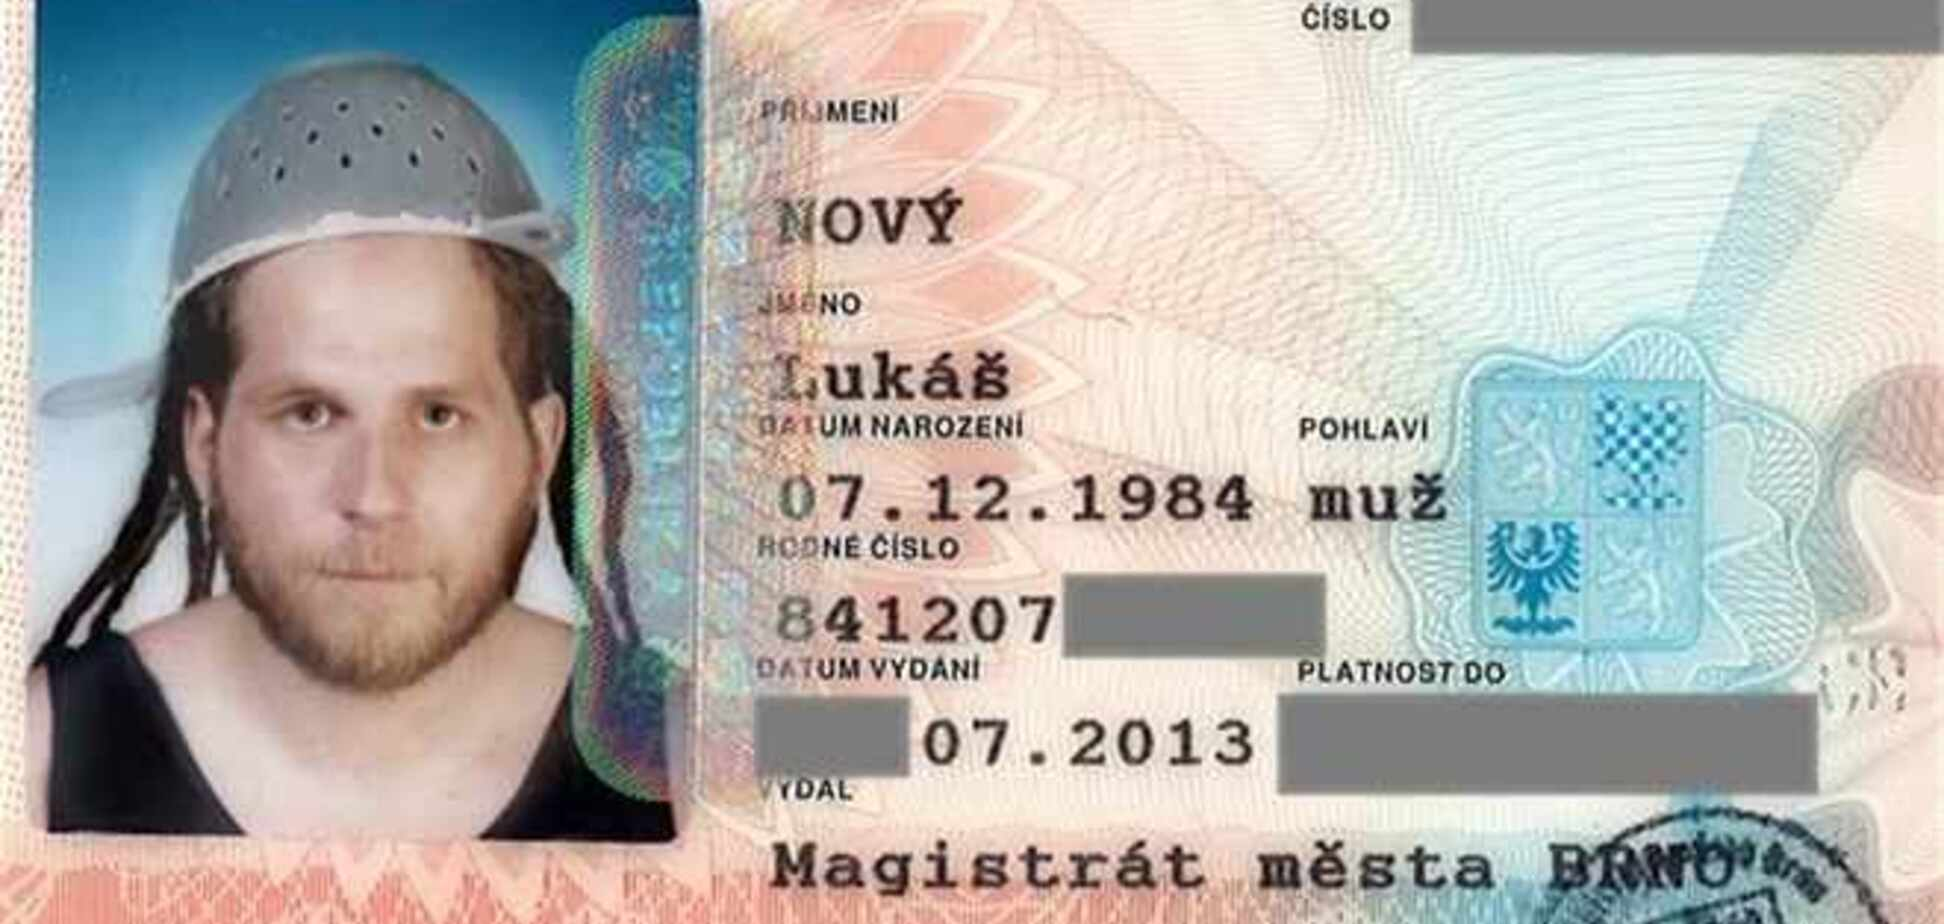 Чех получил документ, для которого сфотографировался с дуршлагом на голове